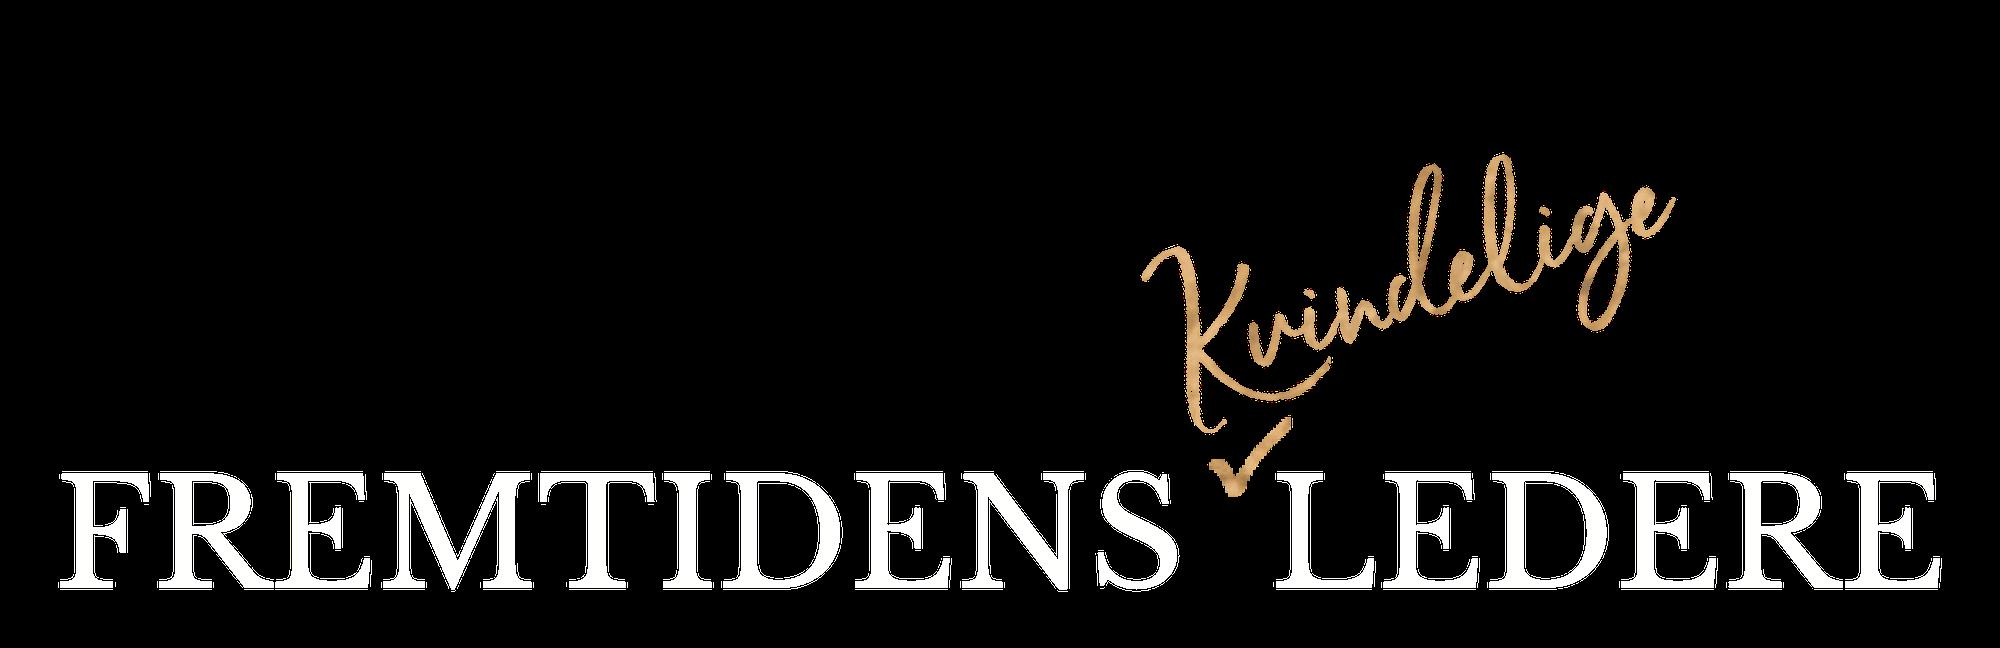 Fremtidens kvindelige ledere logo